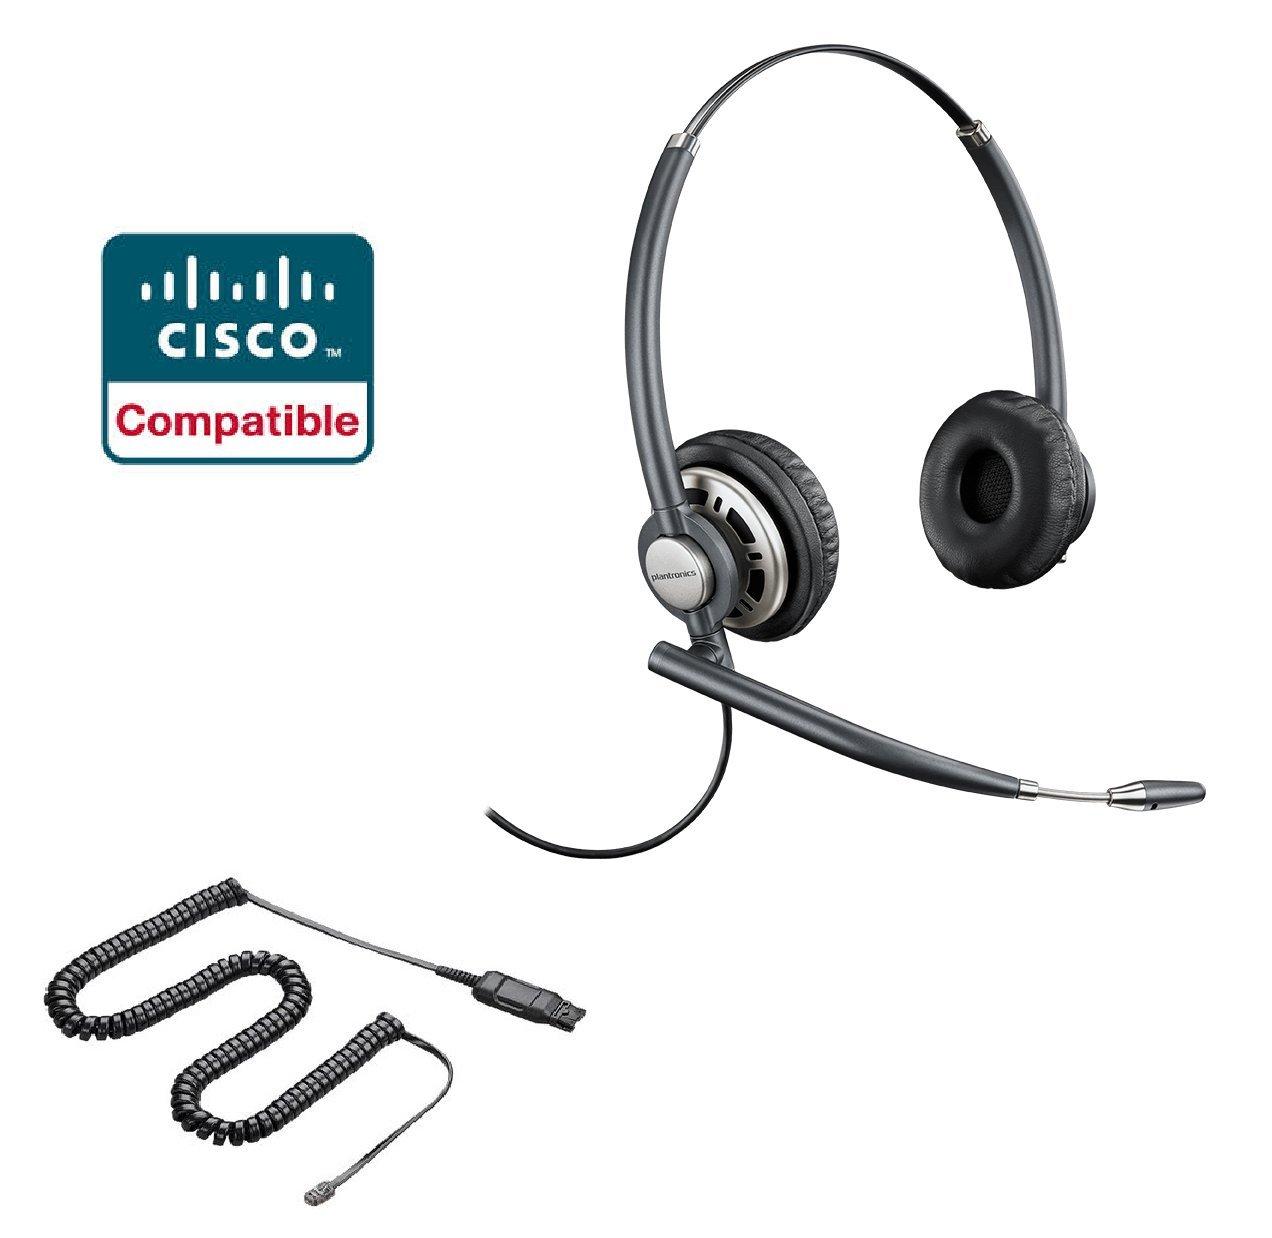 Cisco Compatible Plantronics EncorePro 720 HW720 Noise Canceling Direct Connect VoIP Headset Bundle Cisco 69xx, 78xx, 79xx, 89xx, 99xx Series Phone